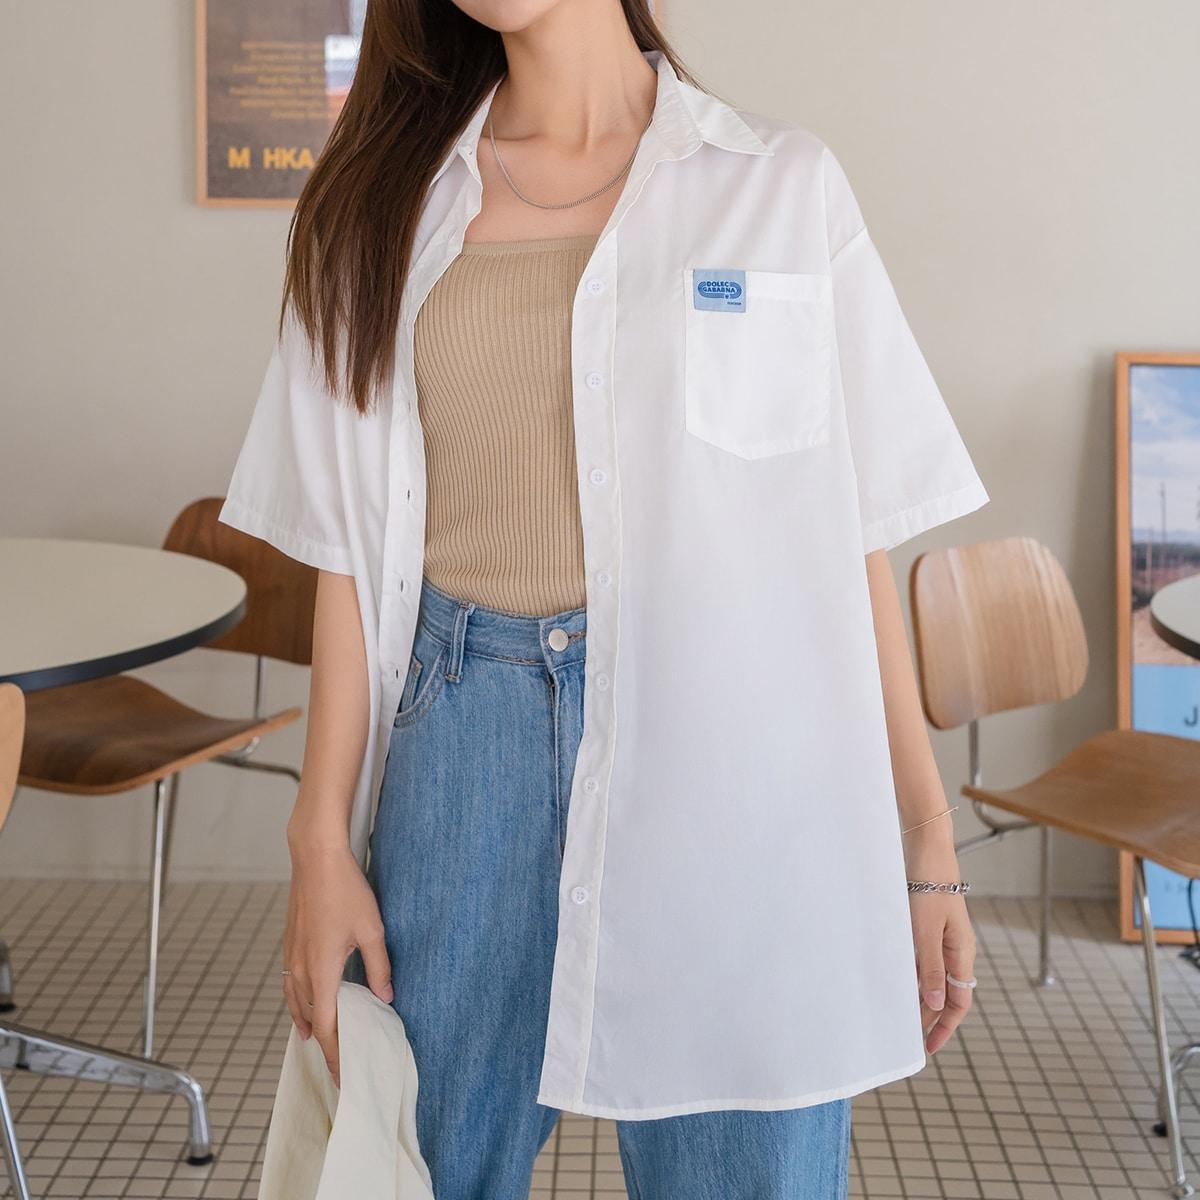 Блузка со спущенным рукавом SheIn sW210610190270901